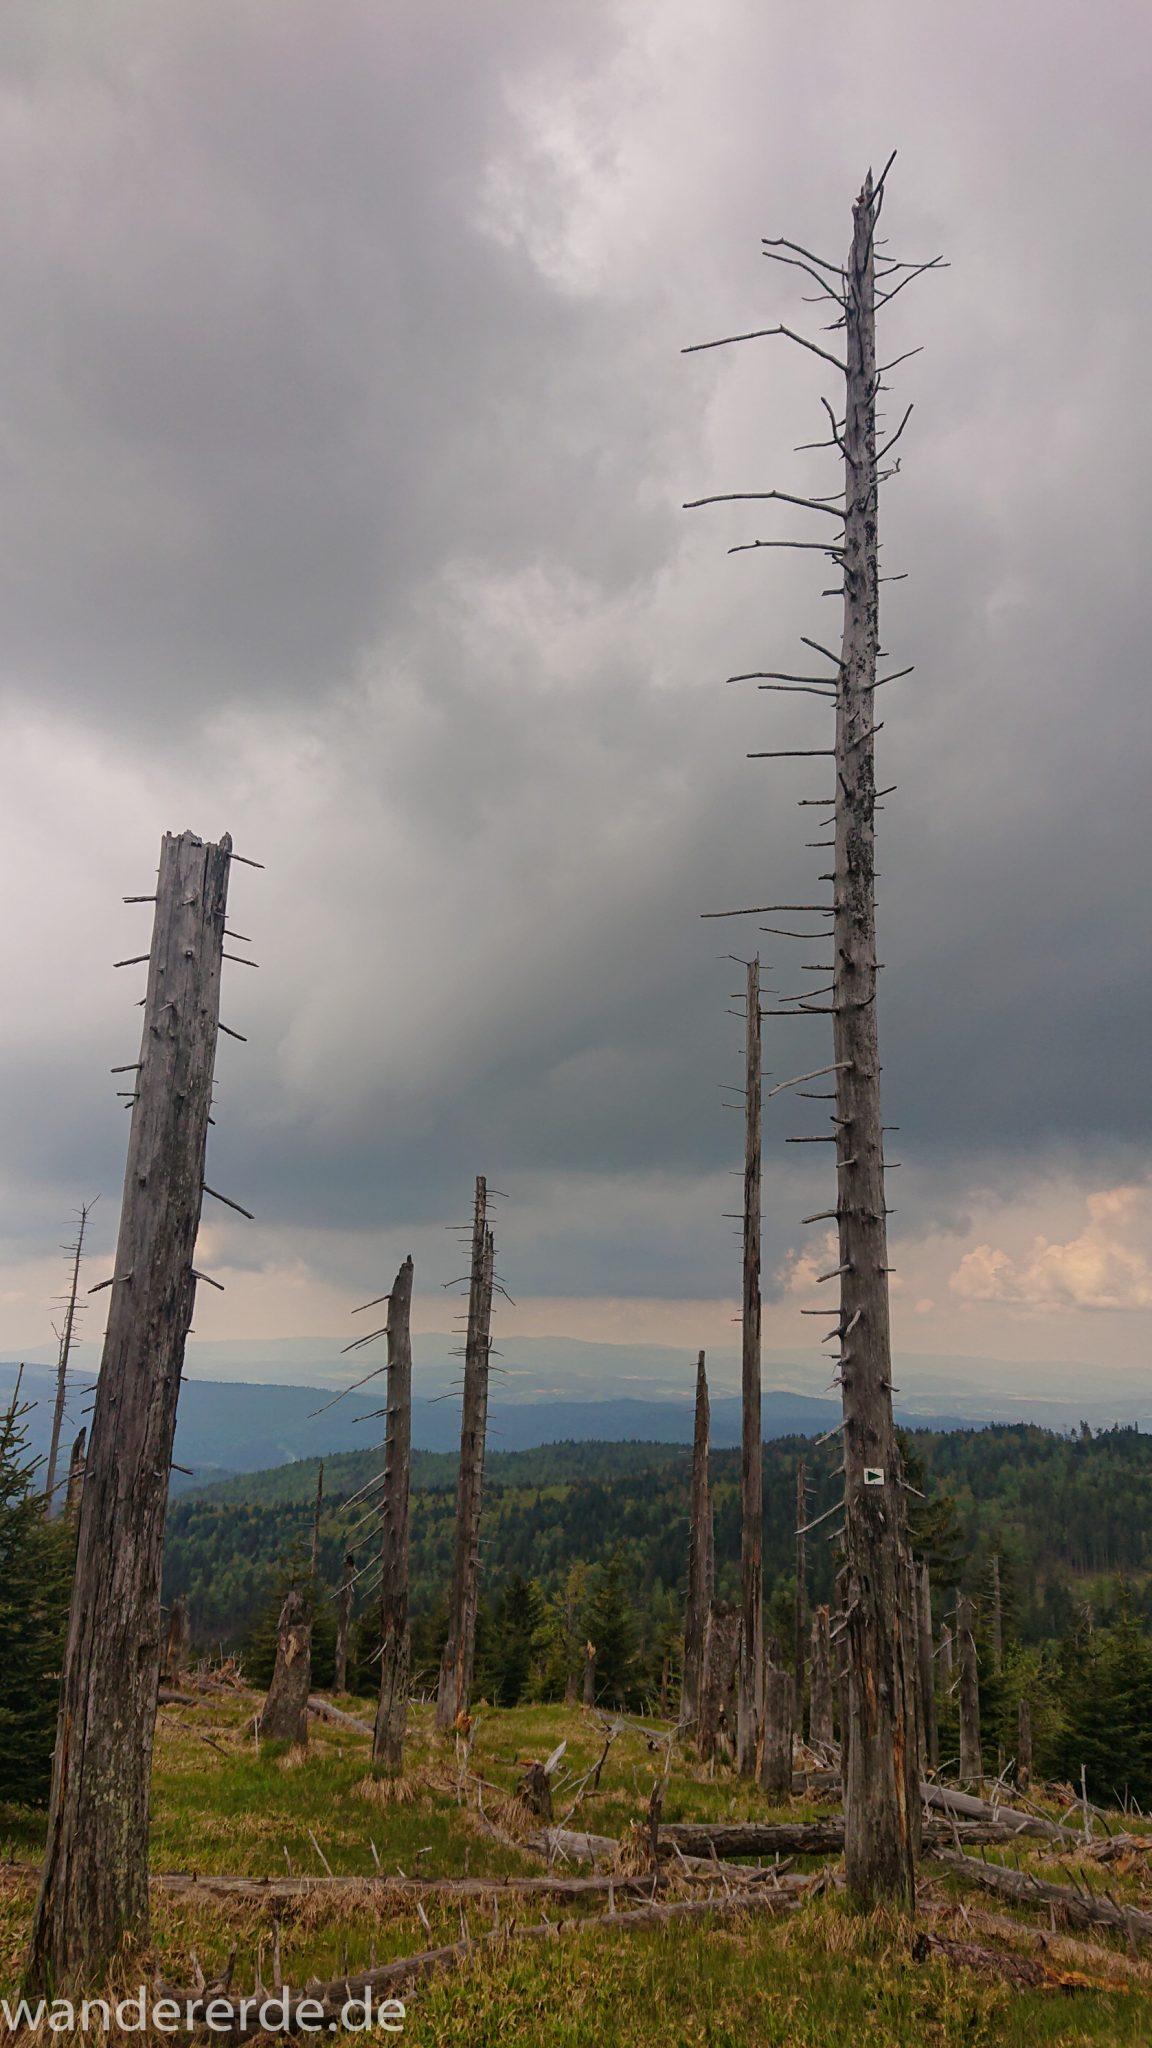 Wanderung Großer Rachel im Nationalpark Bayerischer Wald, Start Parkplatz Oberfrauenau, abwechslungsreicher Wanderweg, umgefallene Bäume werden liegen gelassen, Zerstörung einiger Waldgebiete durch den Borkenkäfer, weite Aussicht auf großes Waldgebiet